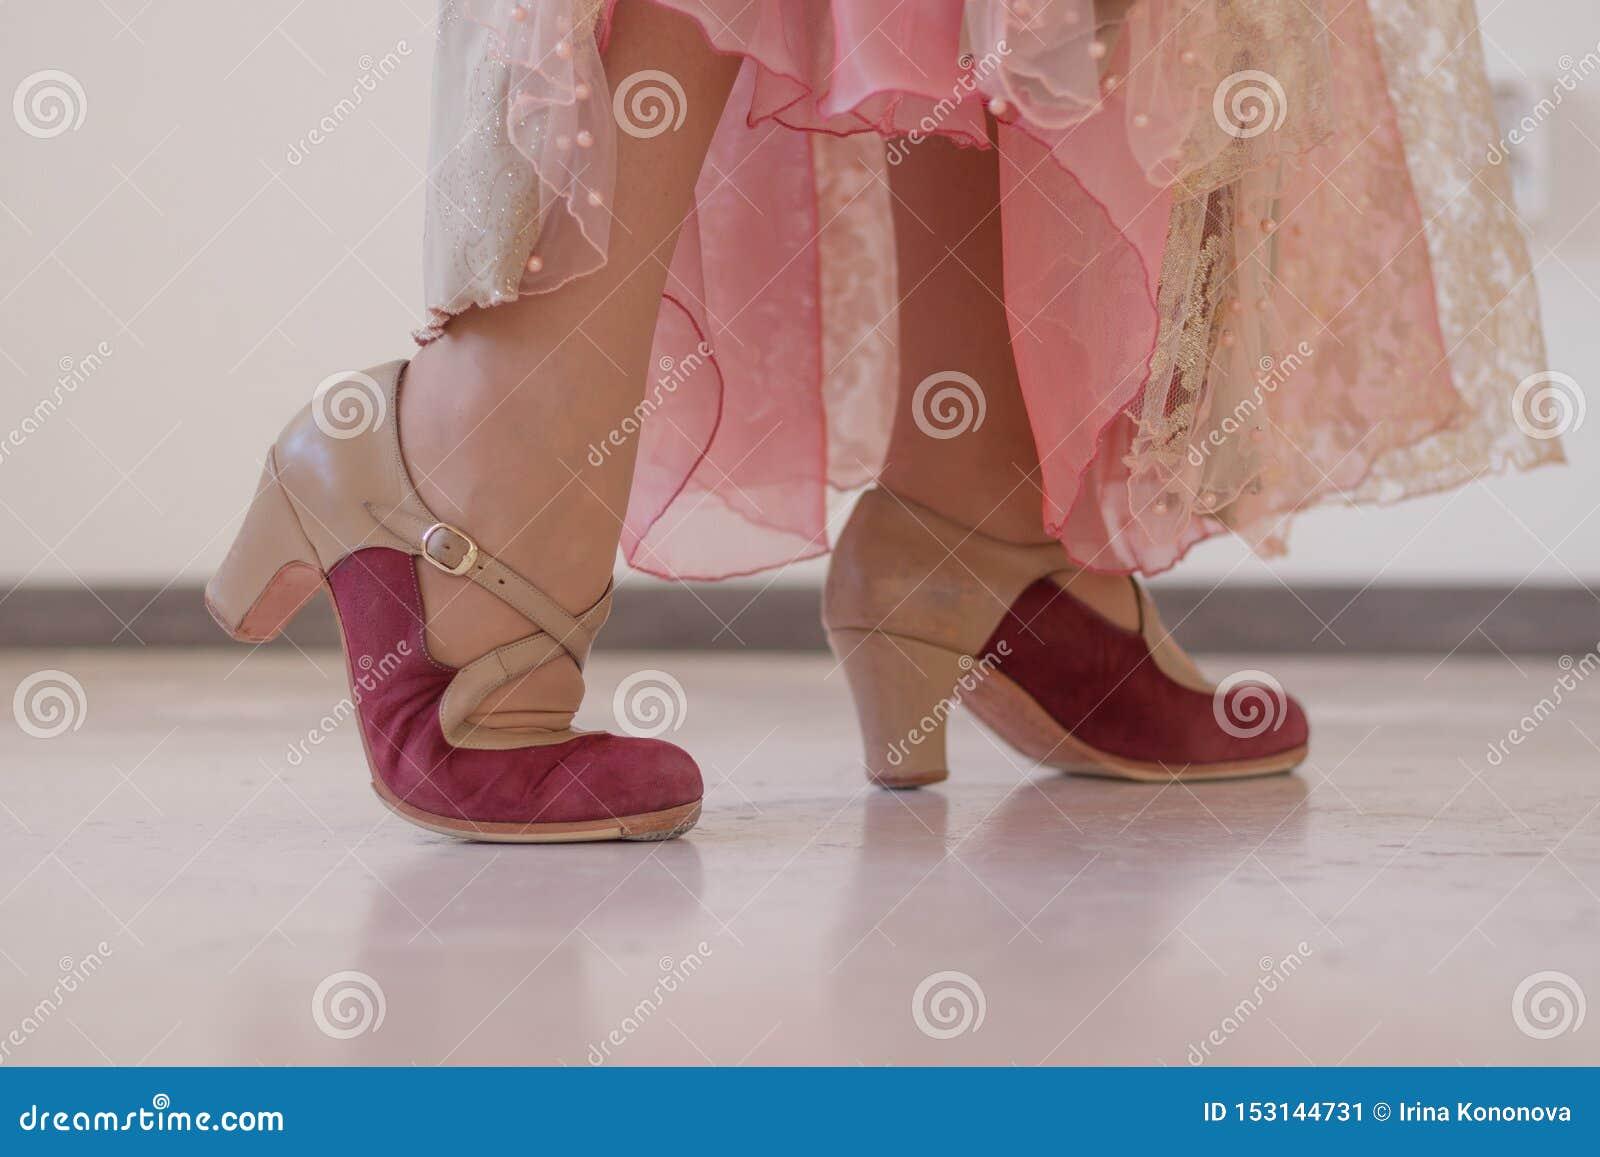 Rosa und beige Schuhe für Flamencotanz auf den Beinen der Frauen